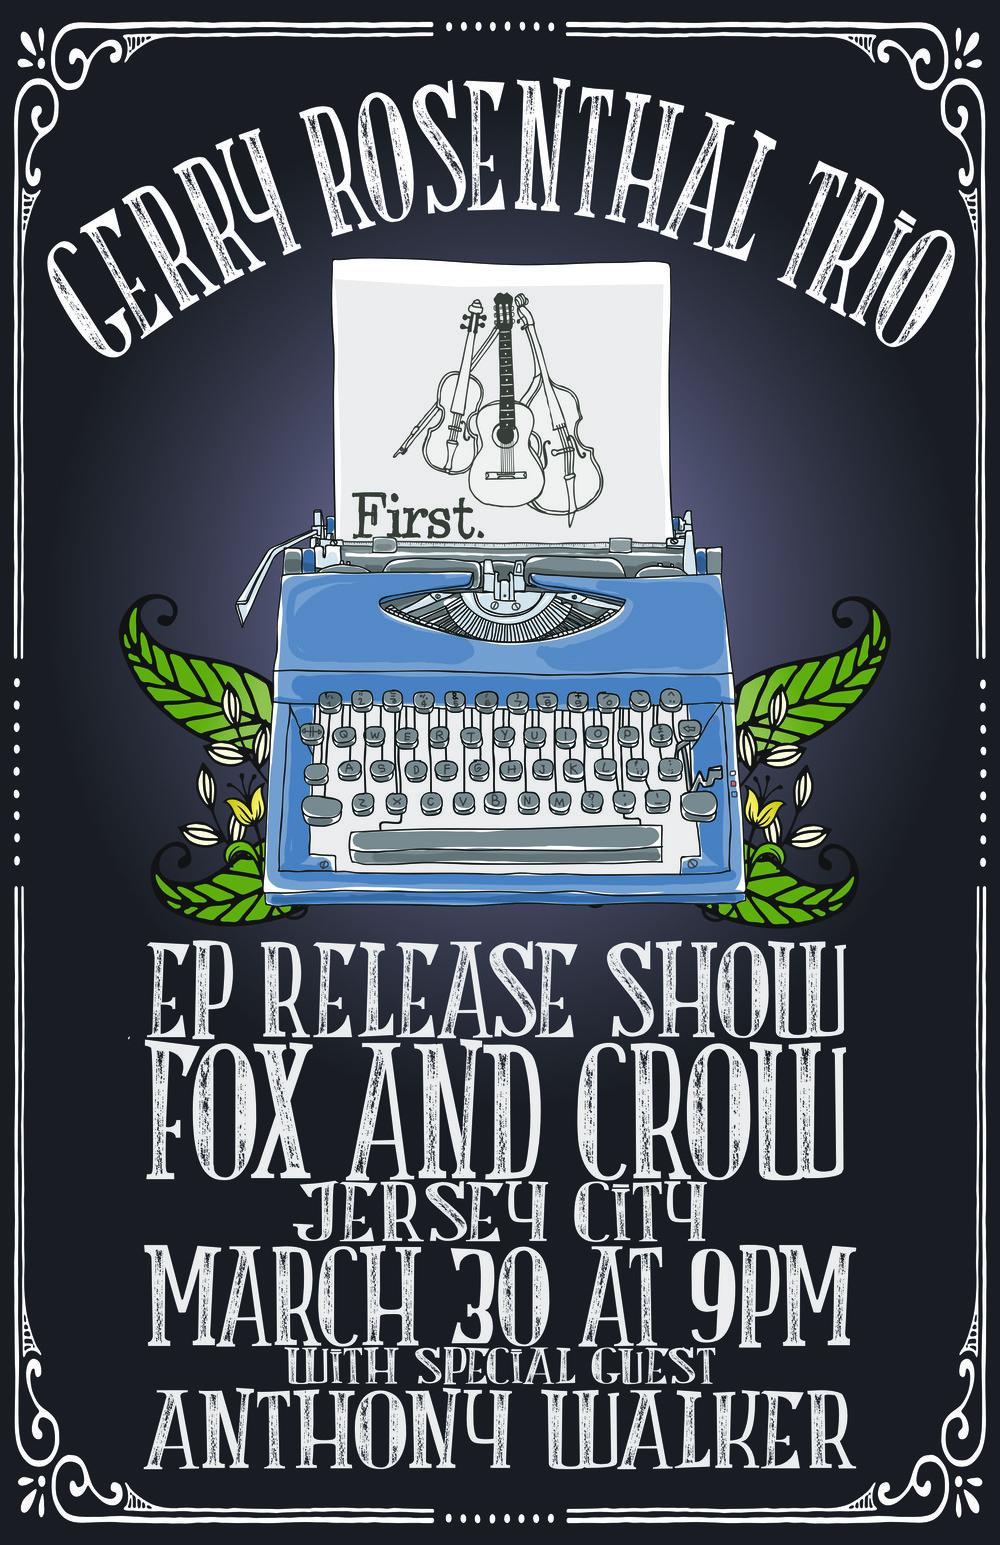 GRT Poster.jpg